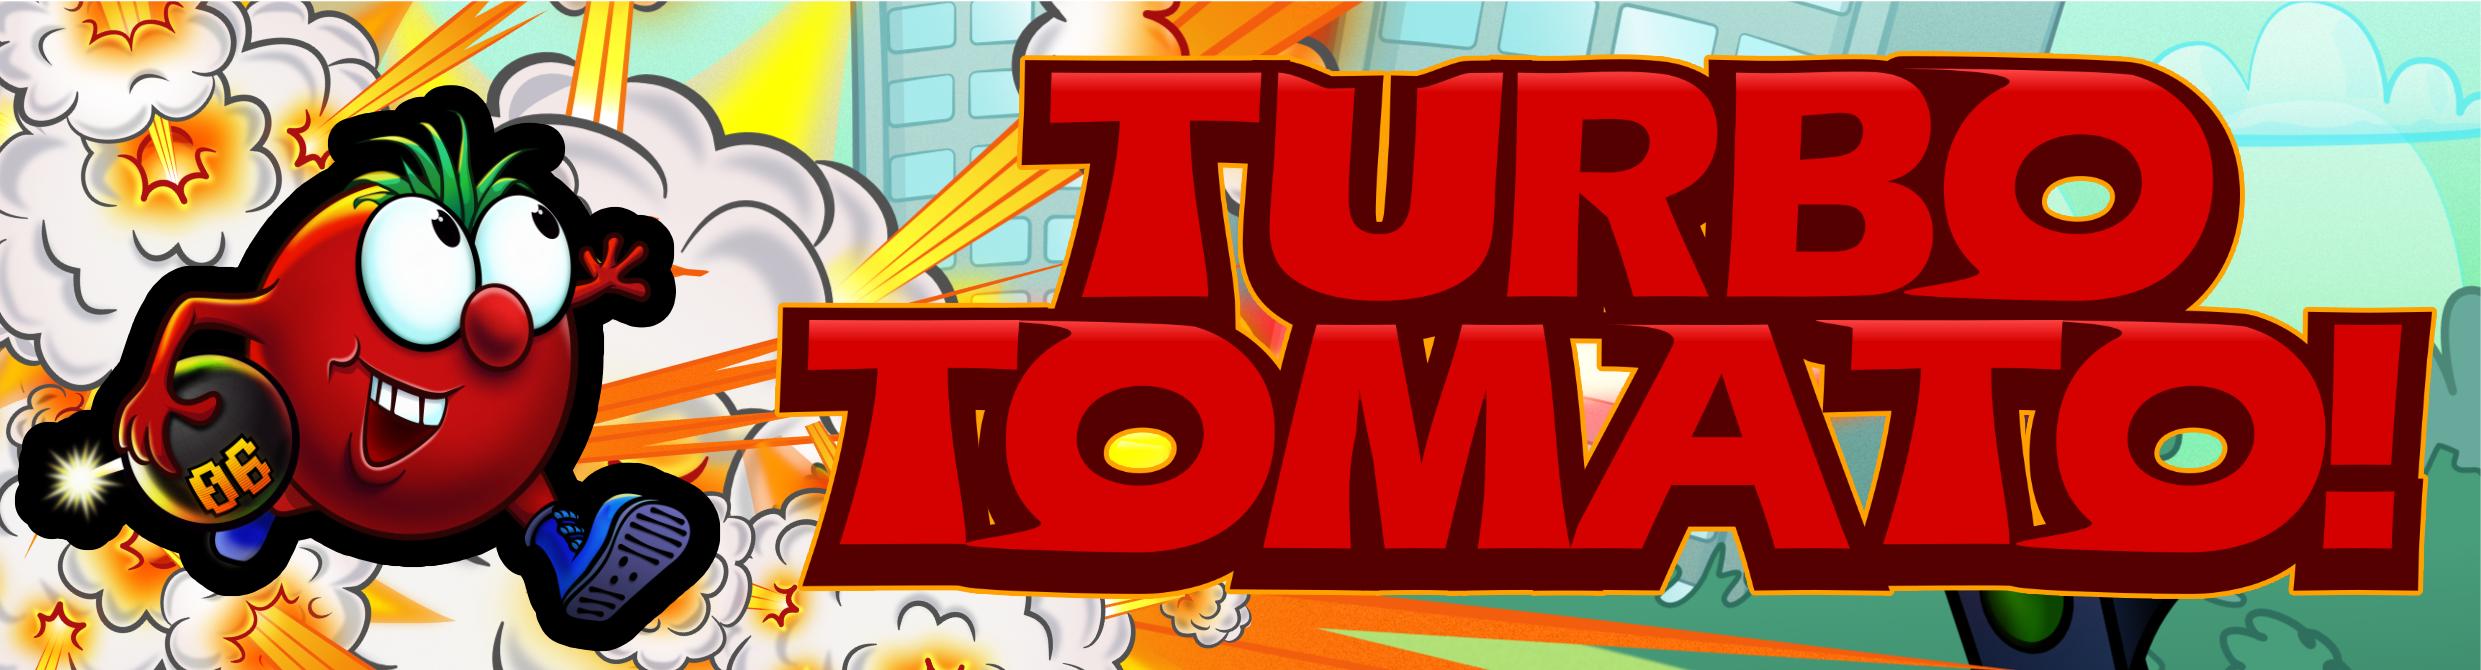 Turbo Tomato